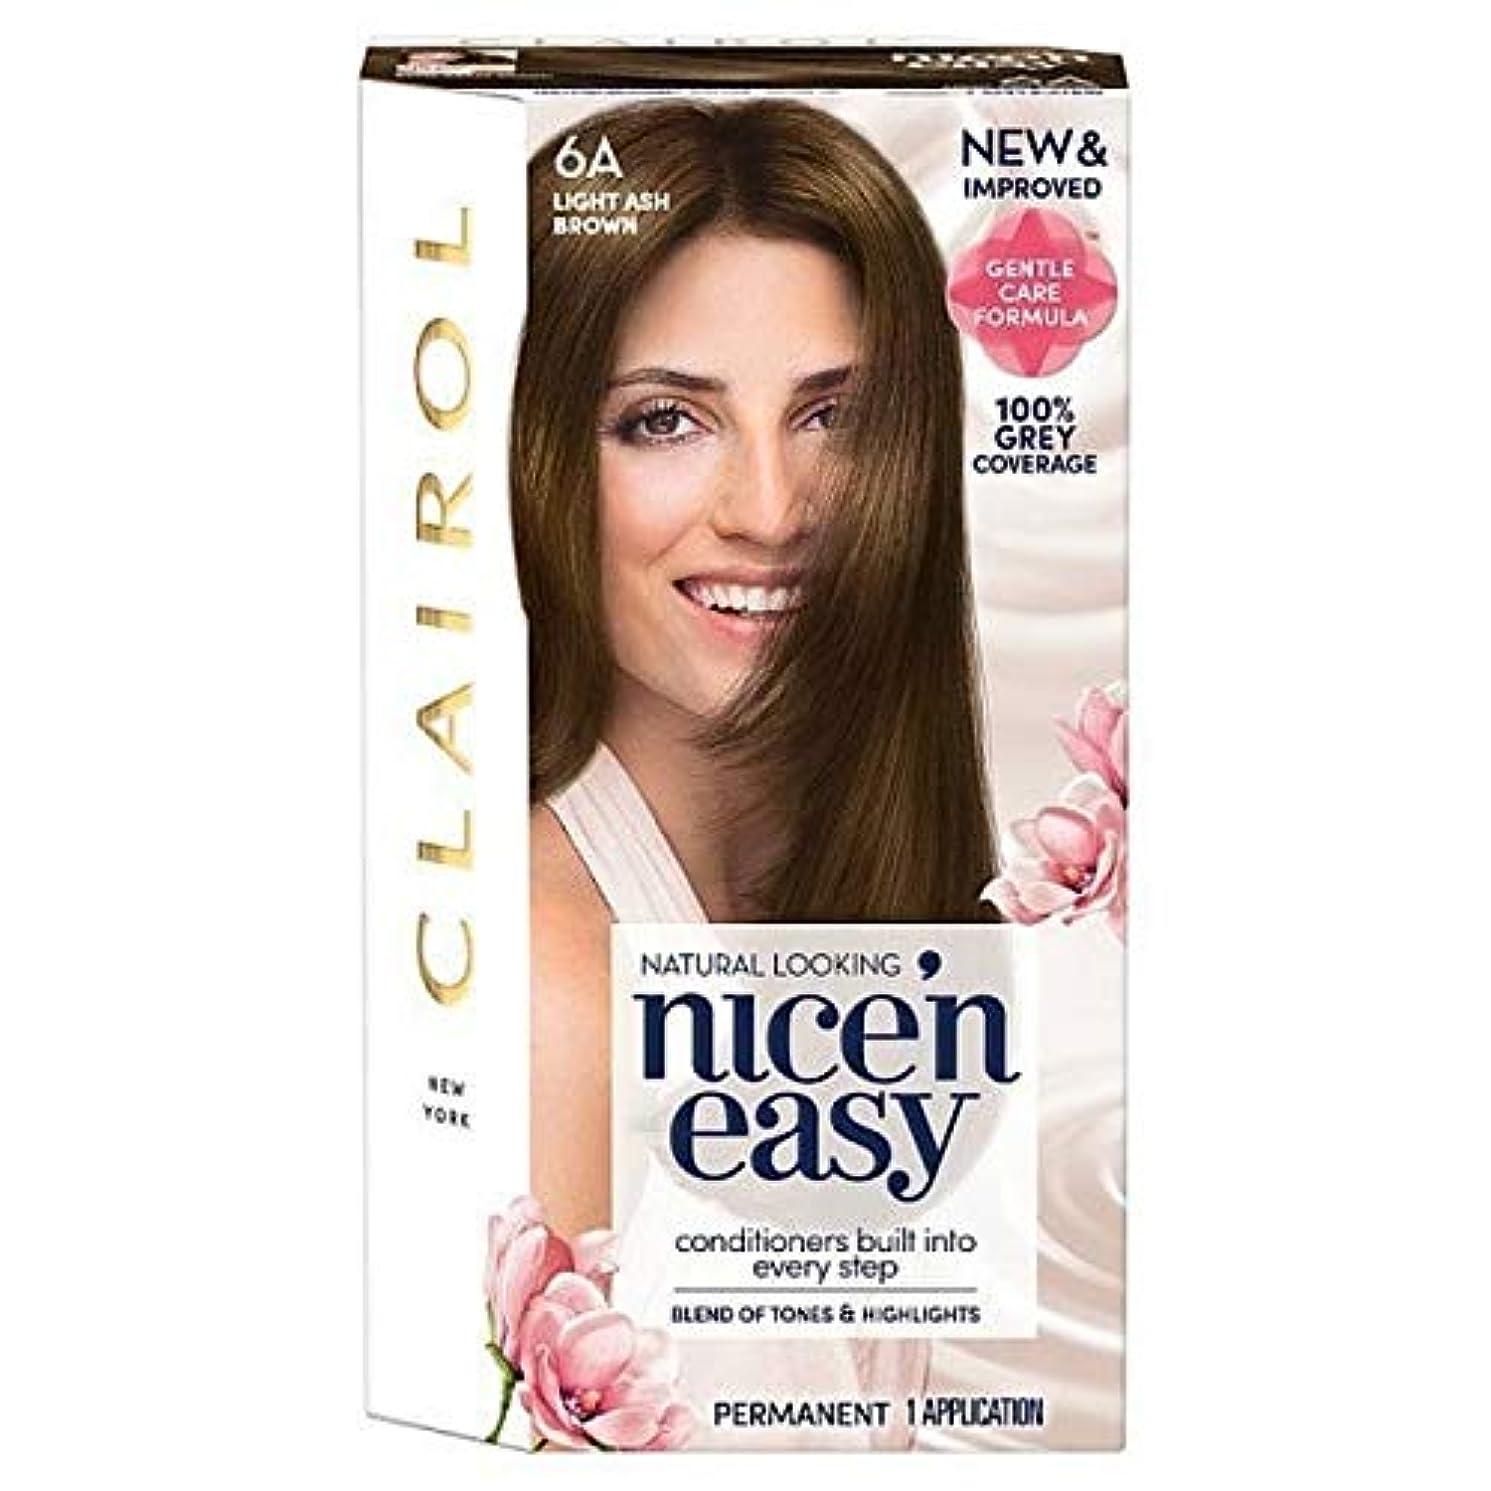 音楽一月不健全[Nice'n Easy] Nice'N簡単な図6Aライトアッシュブラウン - Nice'n Easy 6A Light Ash Brown [並行輸入品]